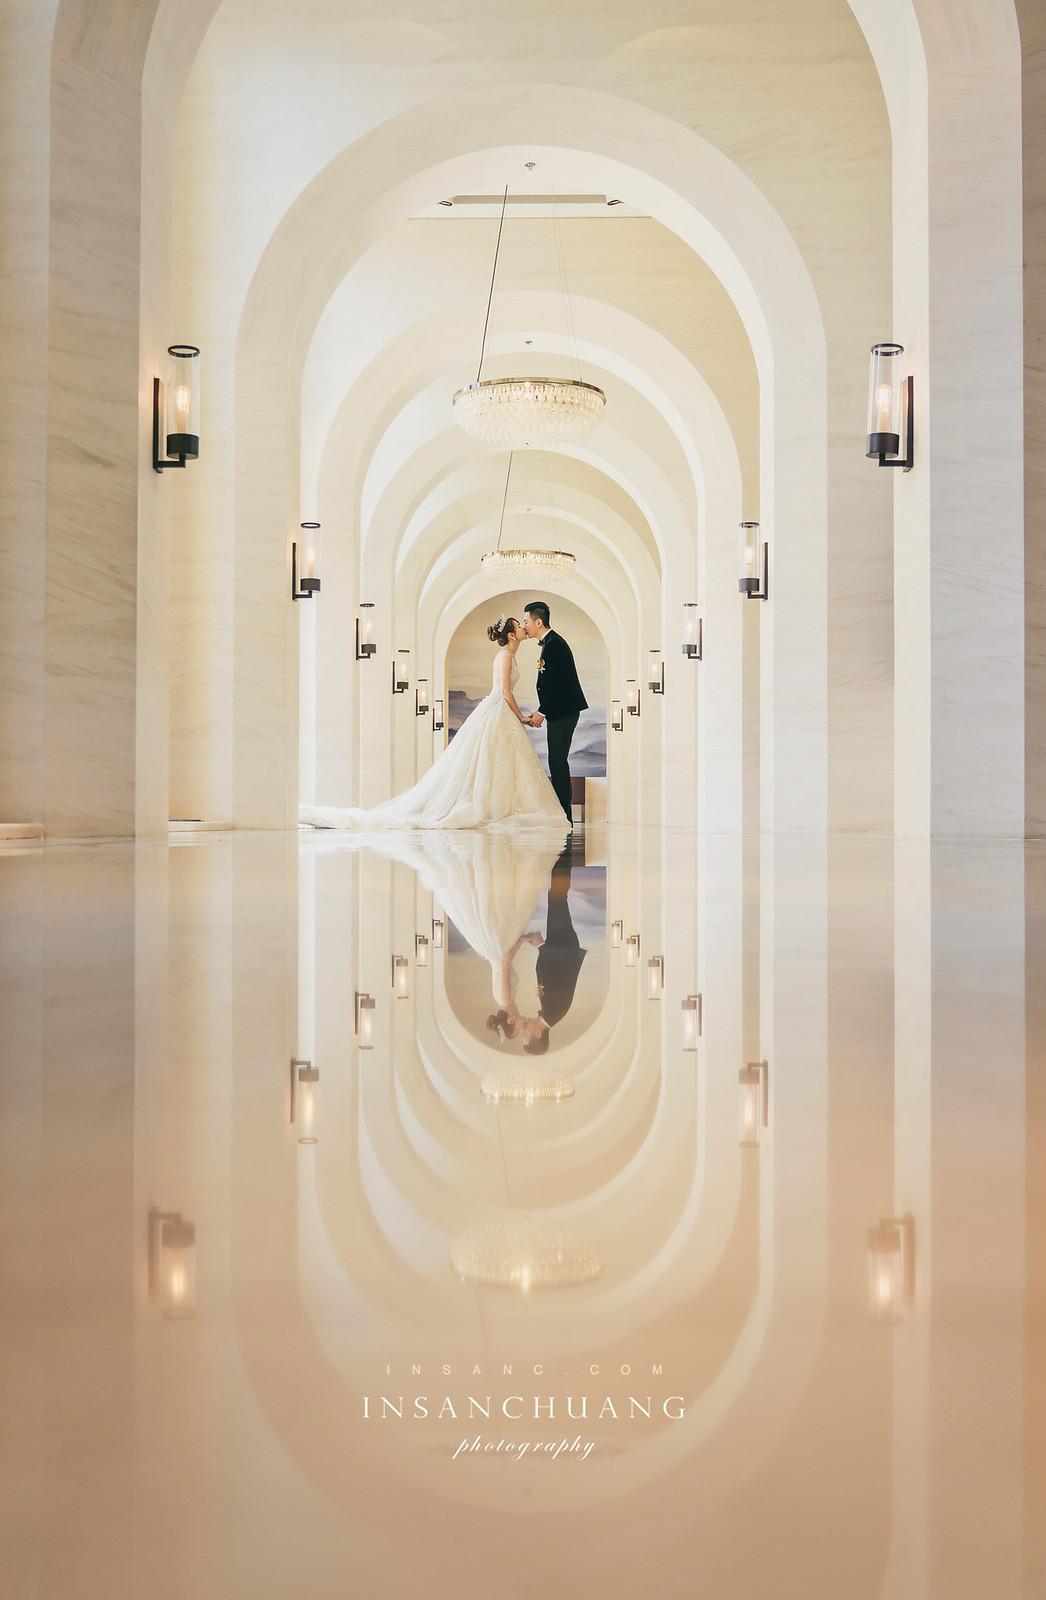 婚攝英聖台北婚攝萬豪酒店gardenvillawed210130P_125